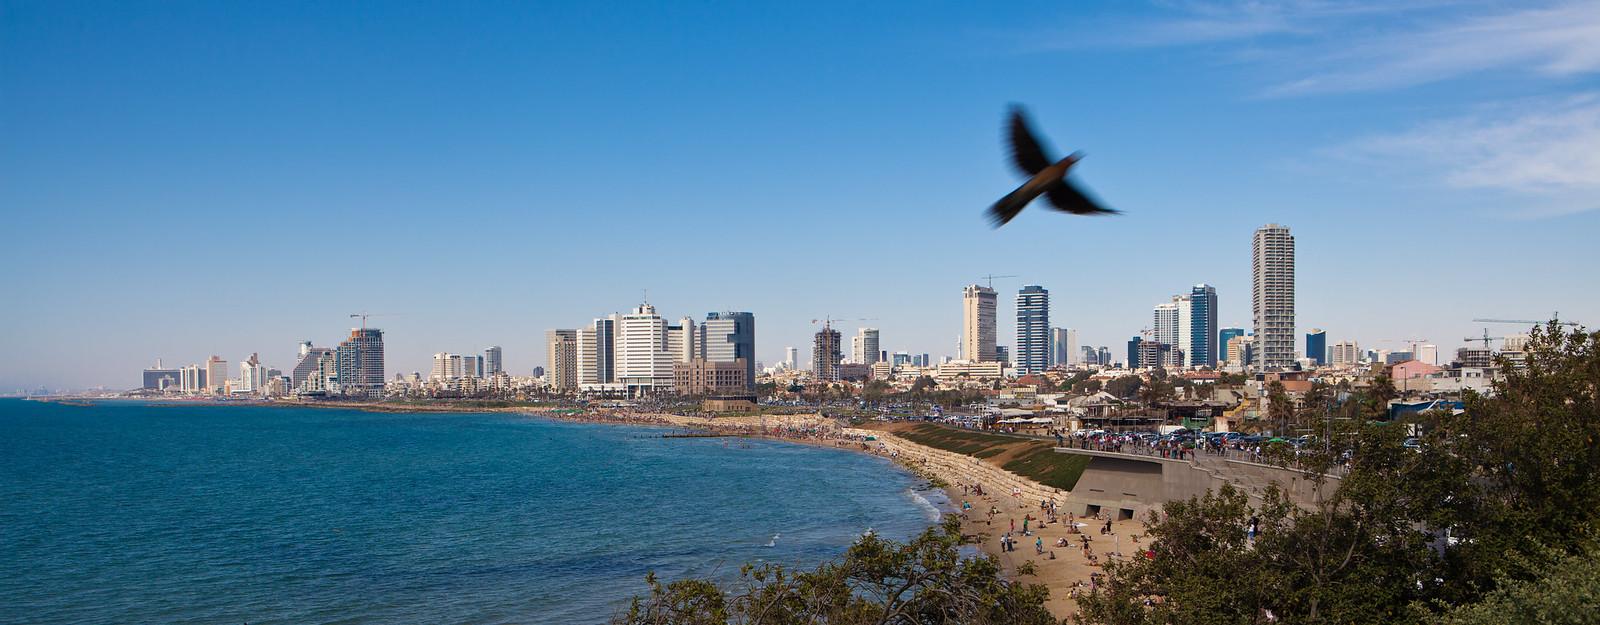 Tel Aviv _Panorama_Dana Friedlander_IMOT